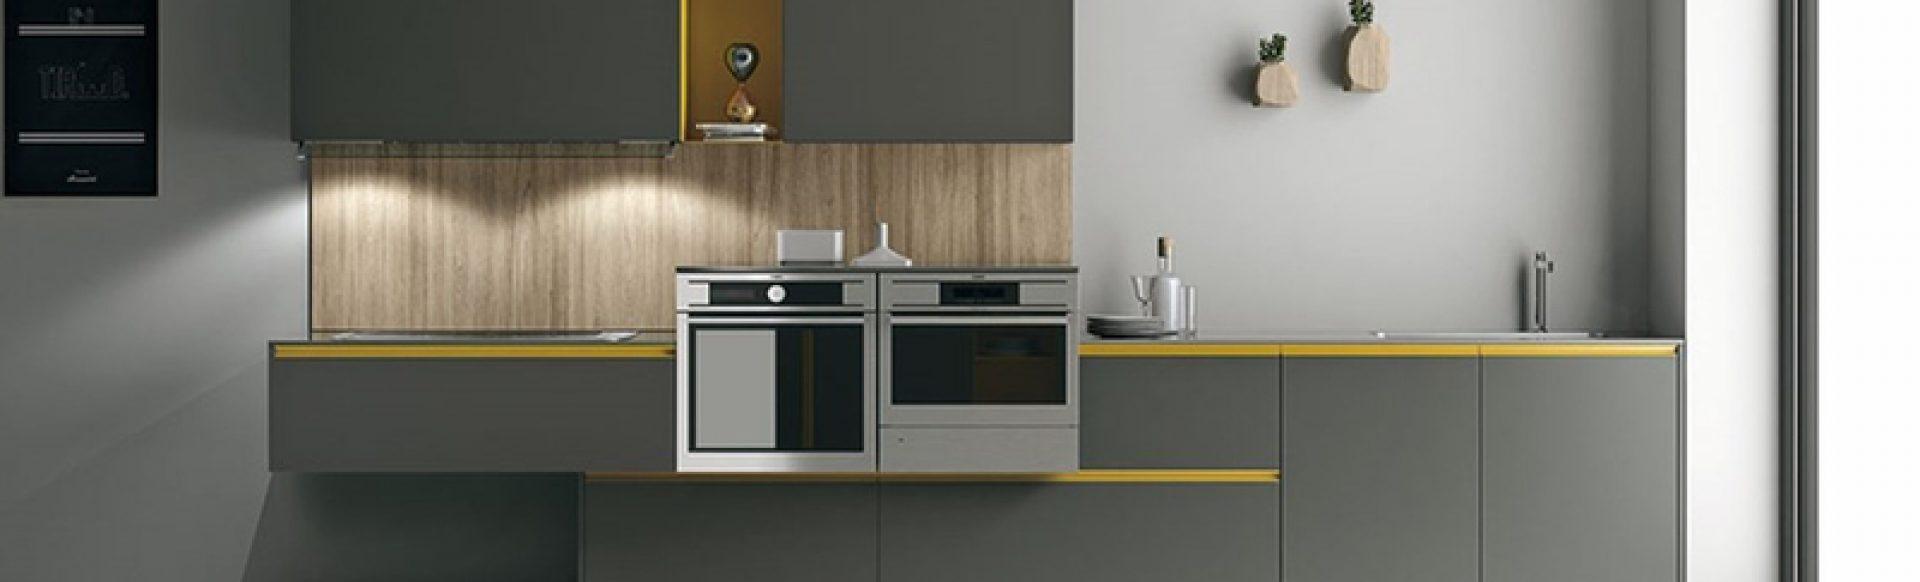 8-ambientes-cocinas-modernas-2021